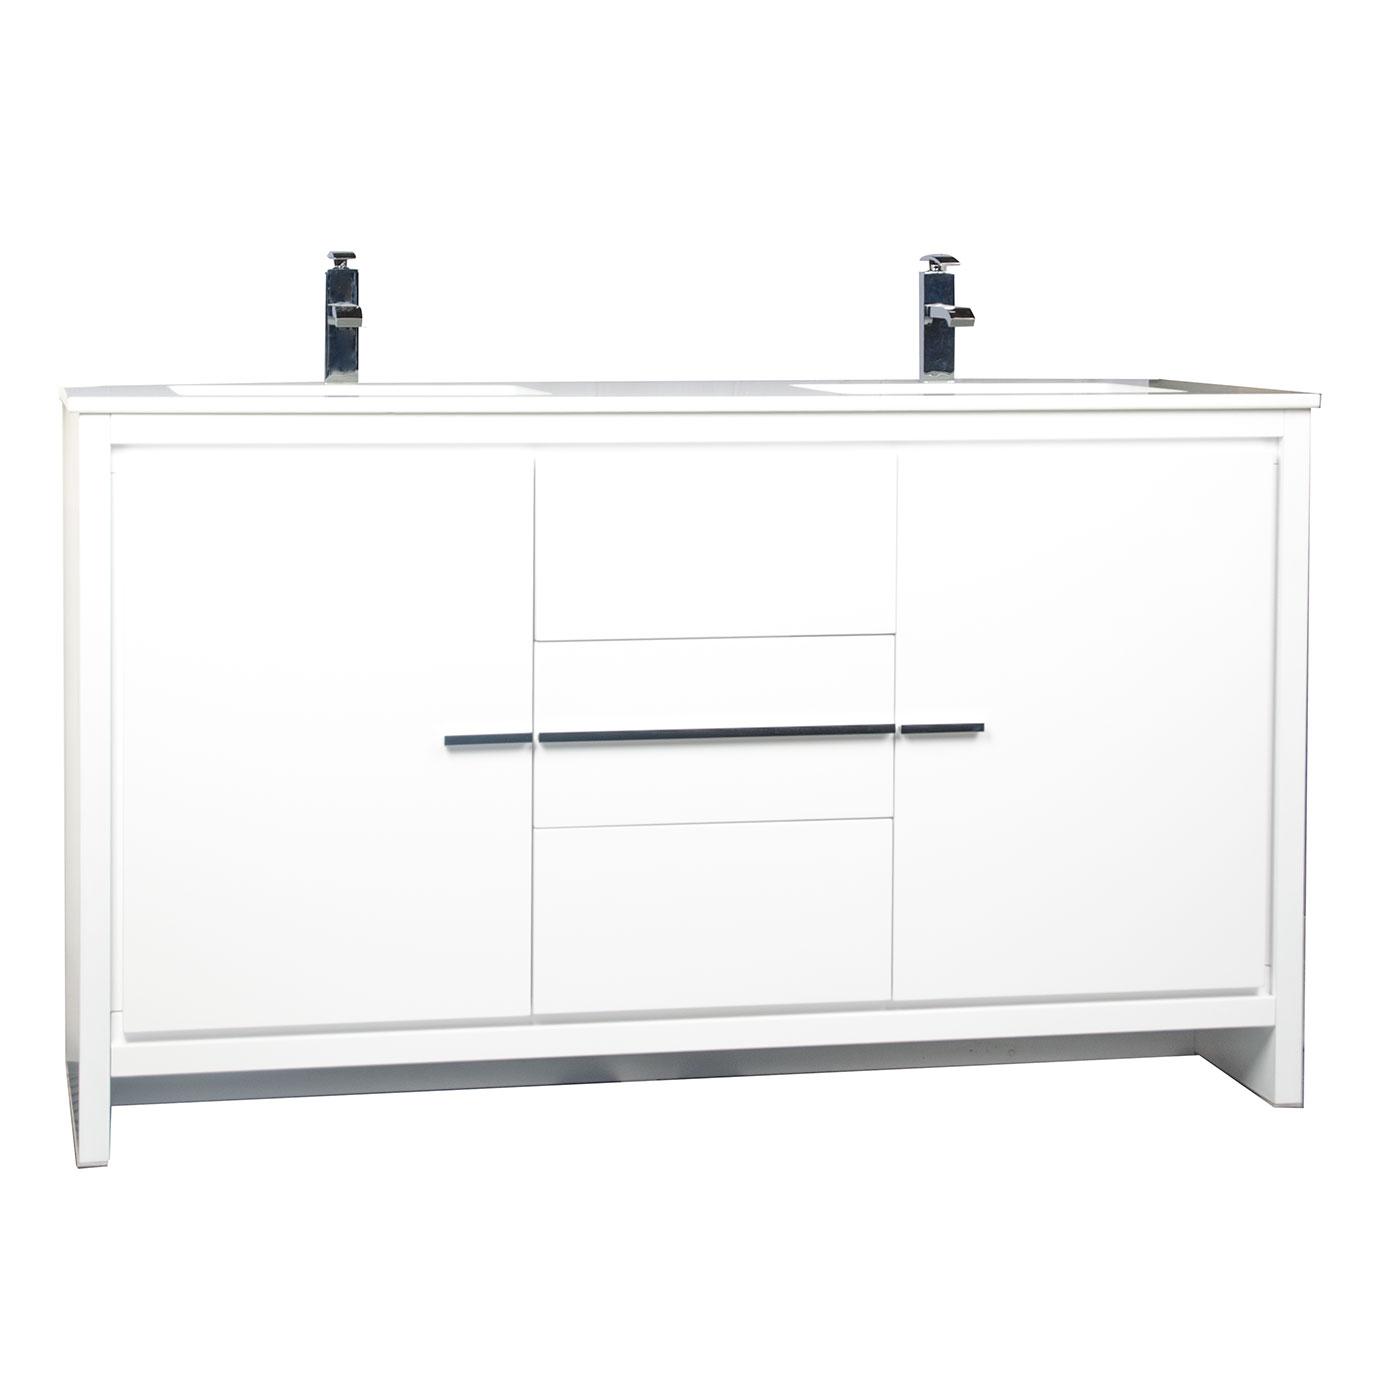 Buy CBI Enna 59 Inch Modern Bathroom Vanity In White TN-LA1510-HGW On ConceptBaths.com